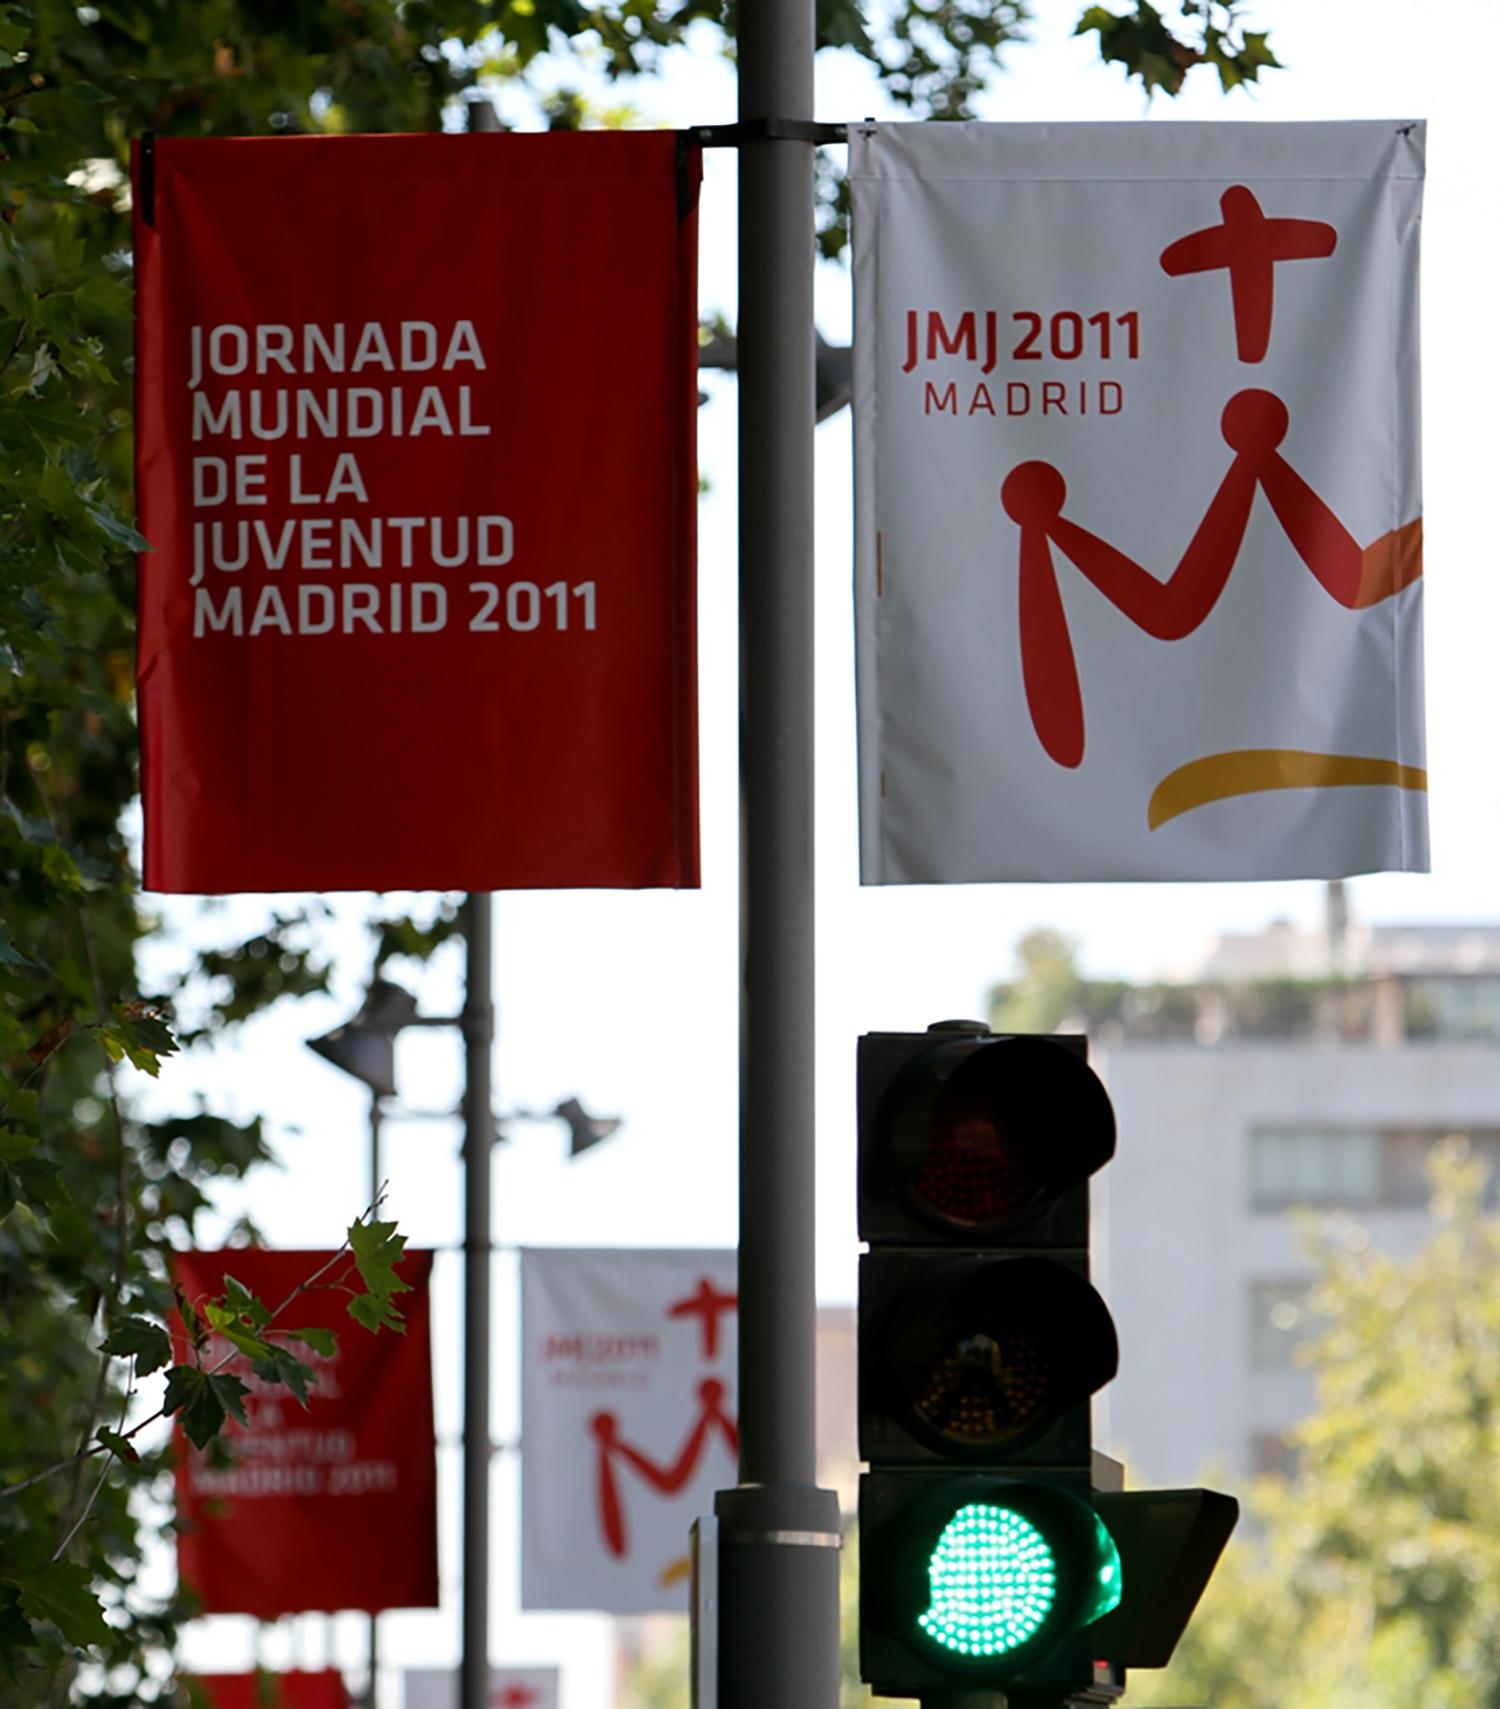 JMJ_2011_MADRID_09